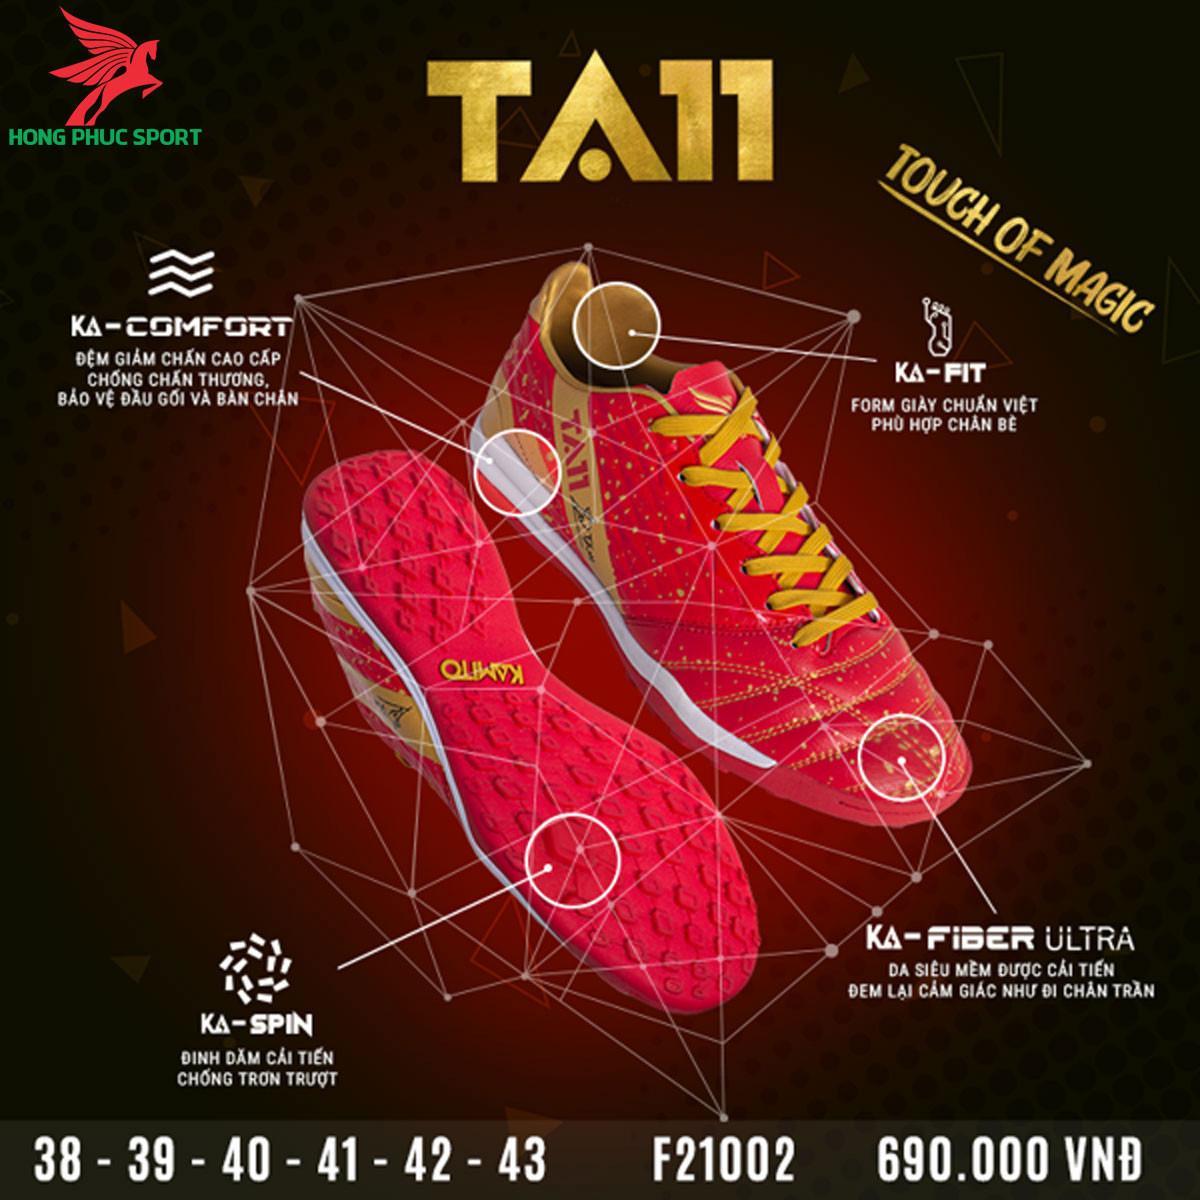 Giày đá banh Kamito TA11 sân cỏ nhân tạo màu đỏ